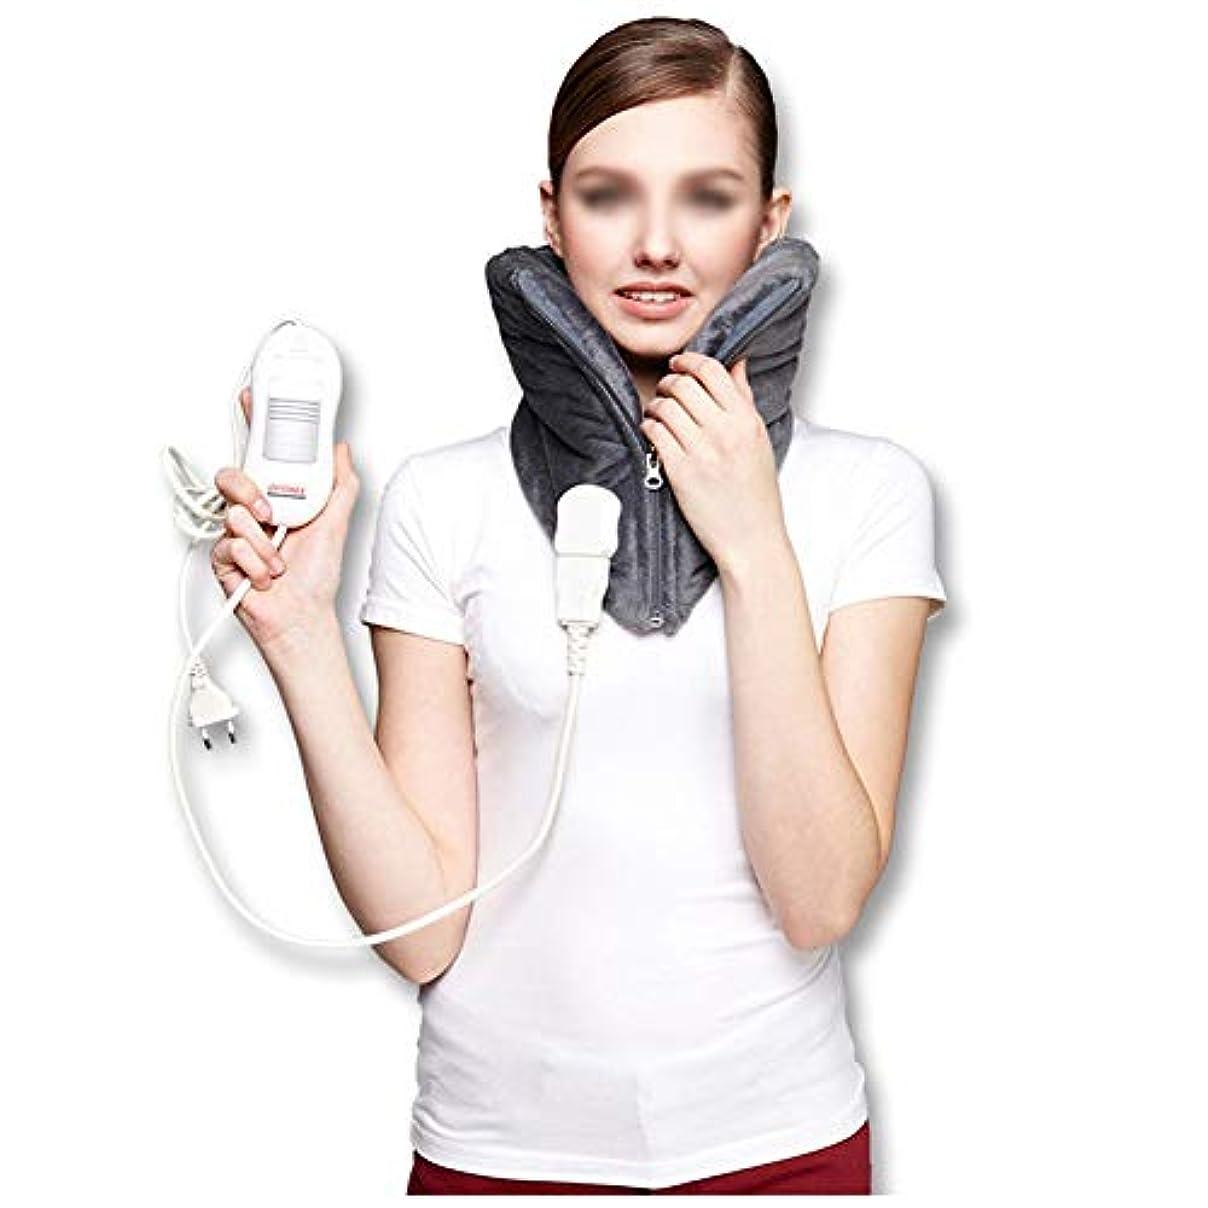 予言する講堂手がかり頚部の電気ヒーターパッド - 暖かい頚椎のヒートパッド、自動電源オフ、洗える、3速度一定温度、高齢者の痛みを軽減するマッサージャー